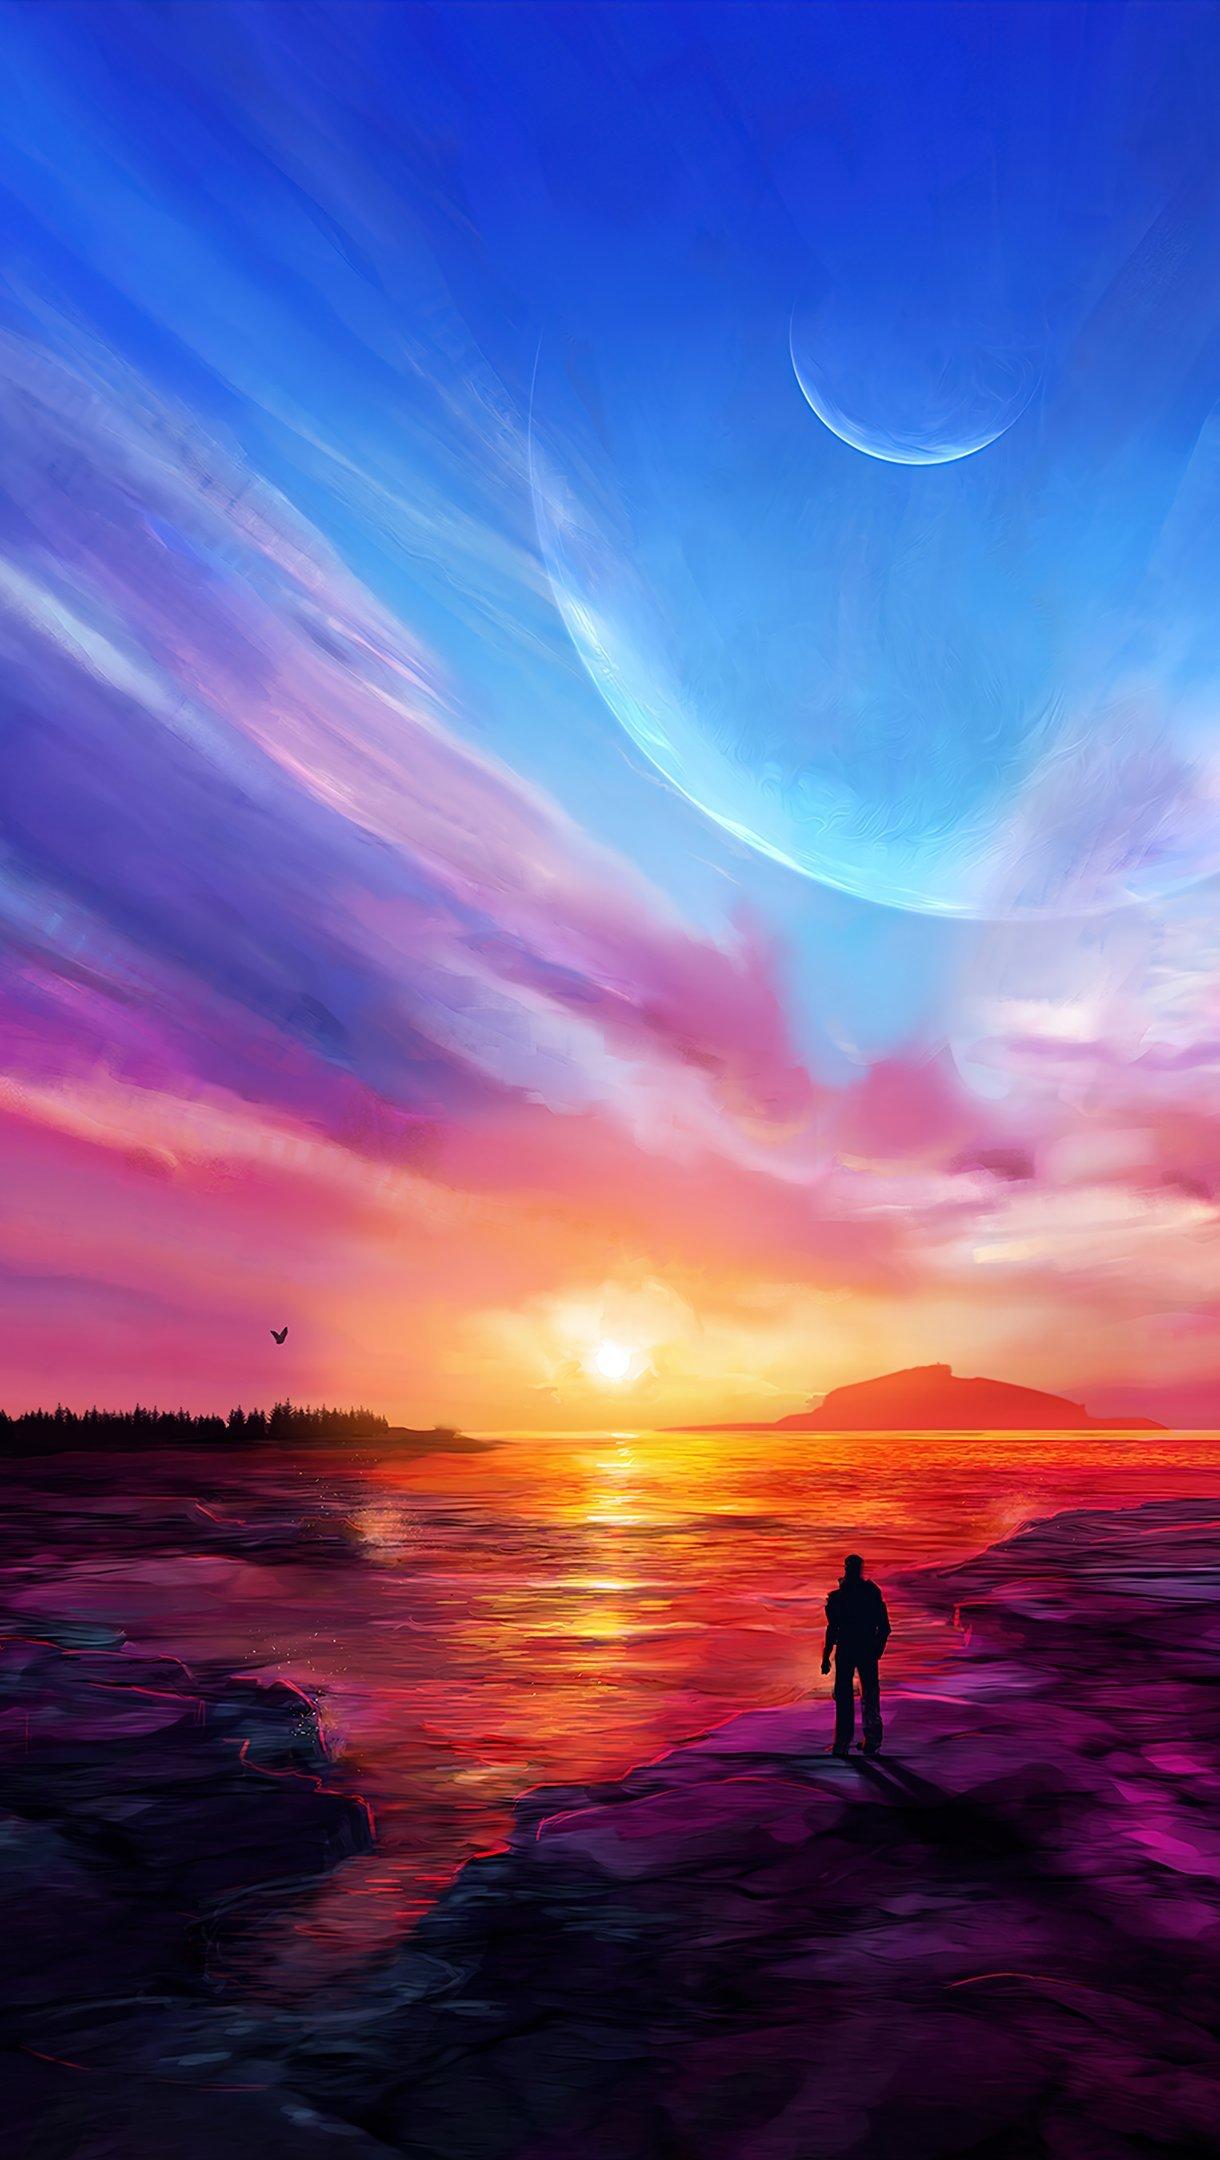 Wallpaper Impresive sunset Vertical